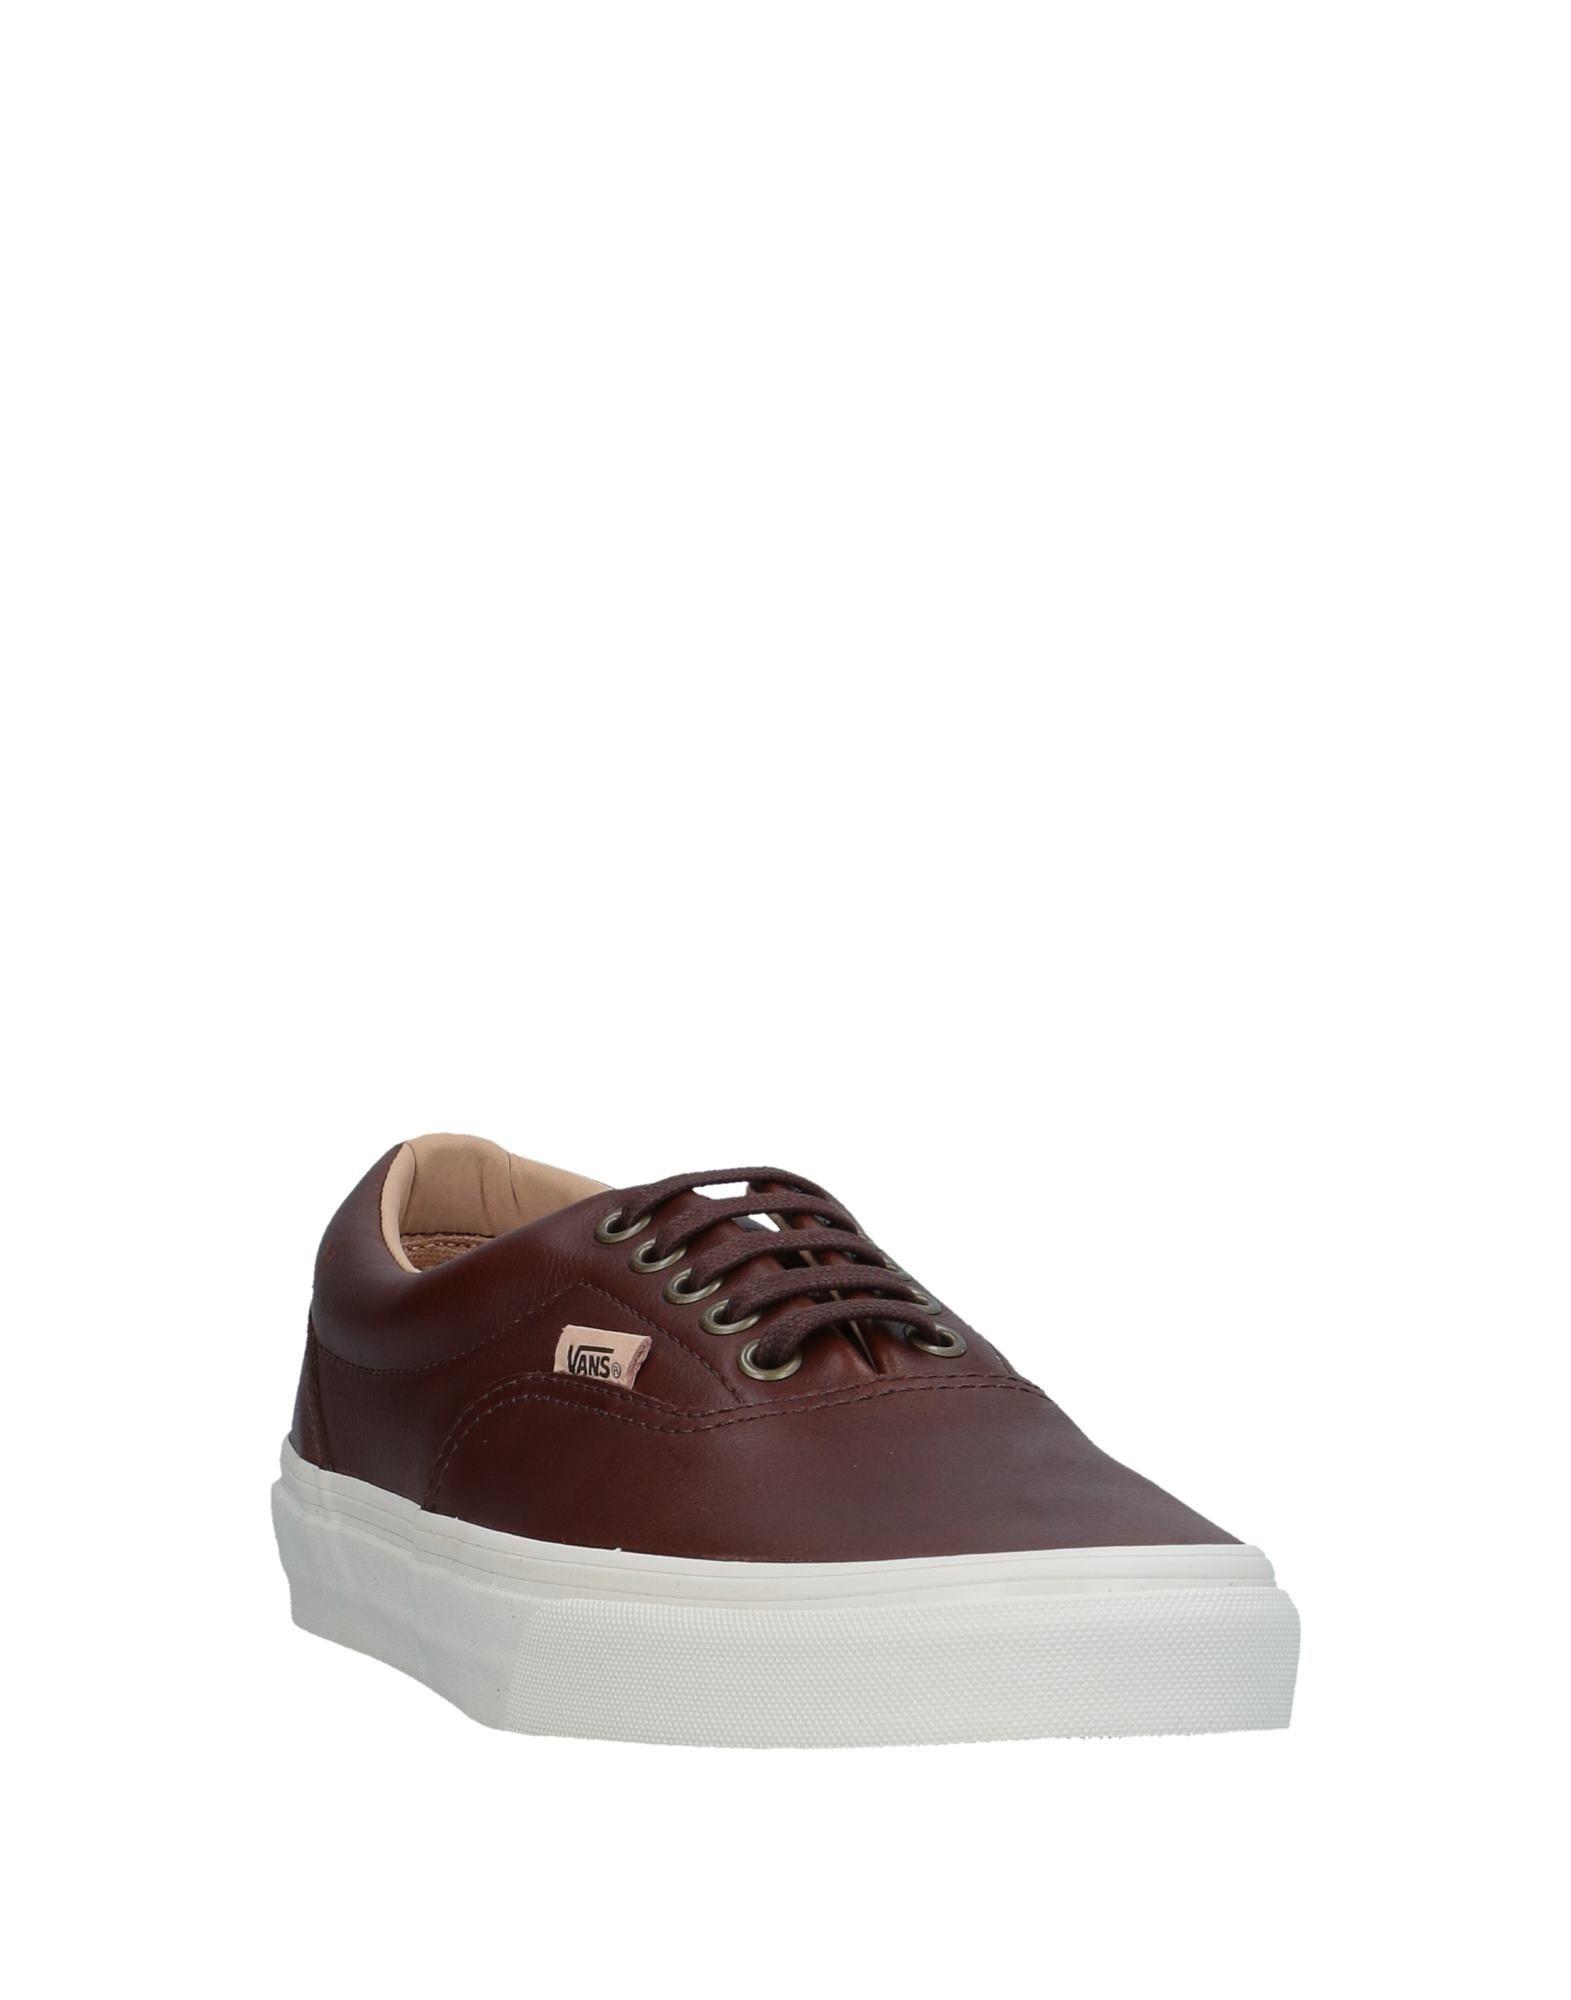 Vans Sneakers Damen  Schuhe 11508667WI Gute Qualität beliebte Schuhe  3bd98f